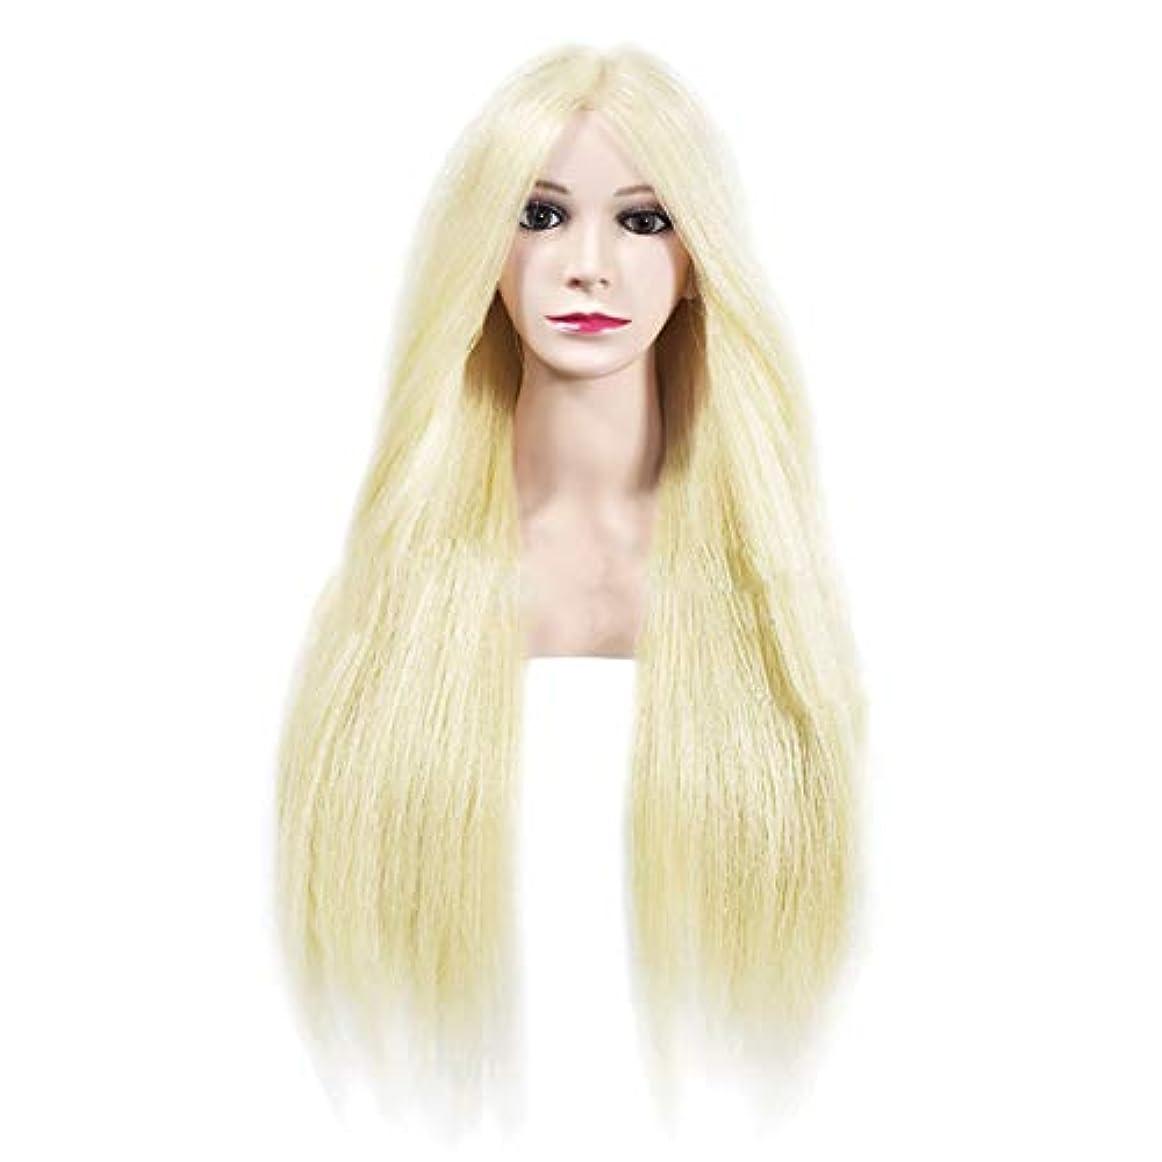 安いです早い文芸専門の練習ホット染色漂白はさみモデリングマネキン髪編組髪かつら女性モデルティーチングヘッド